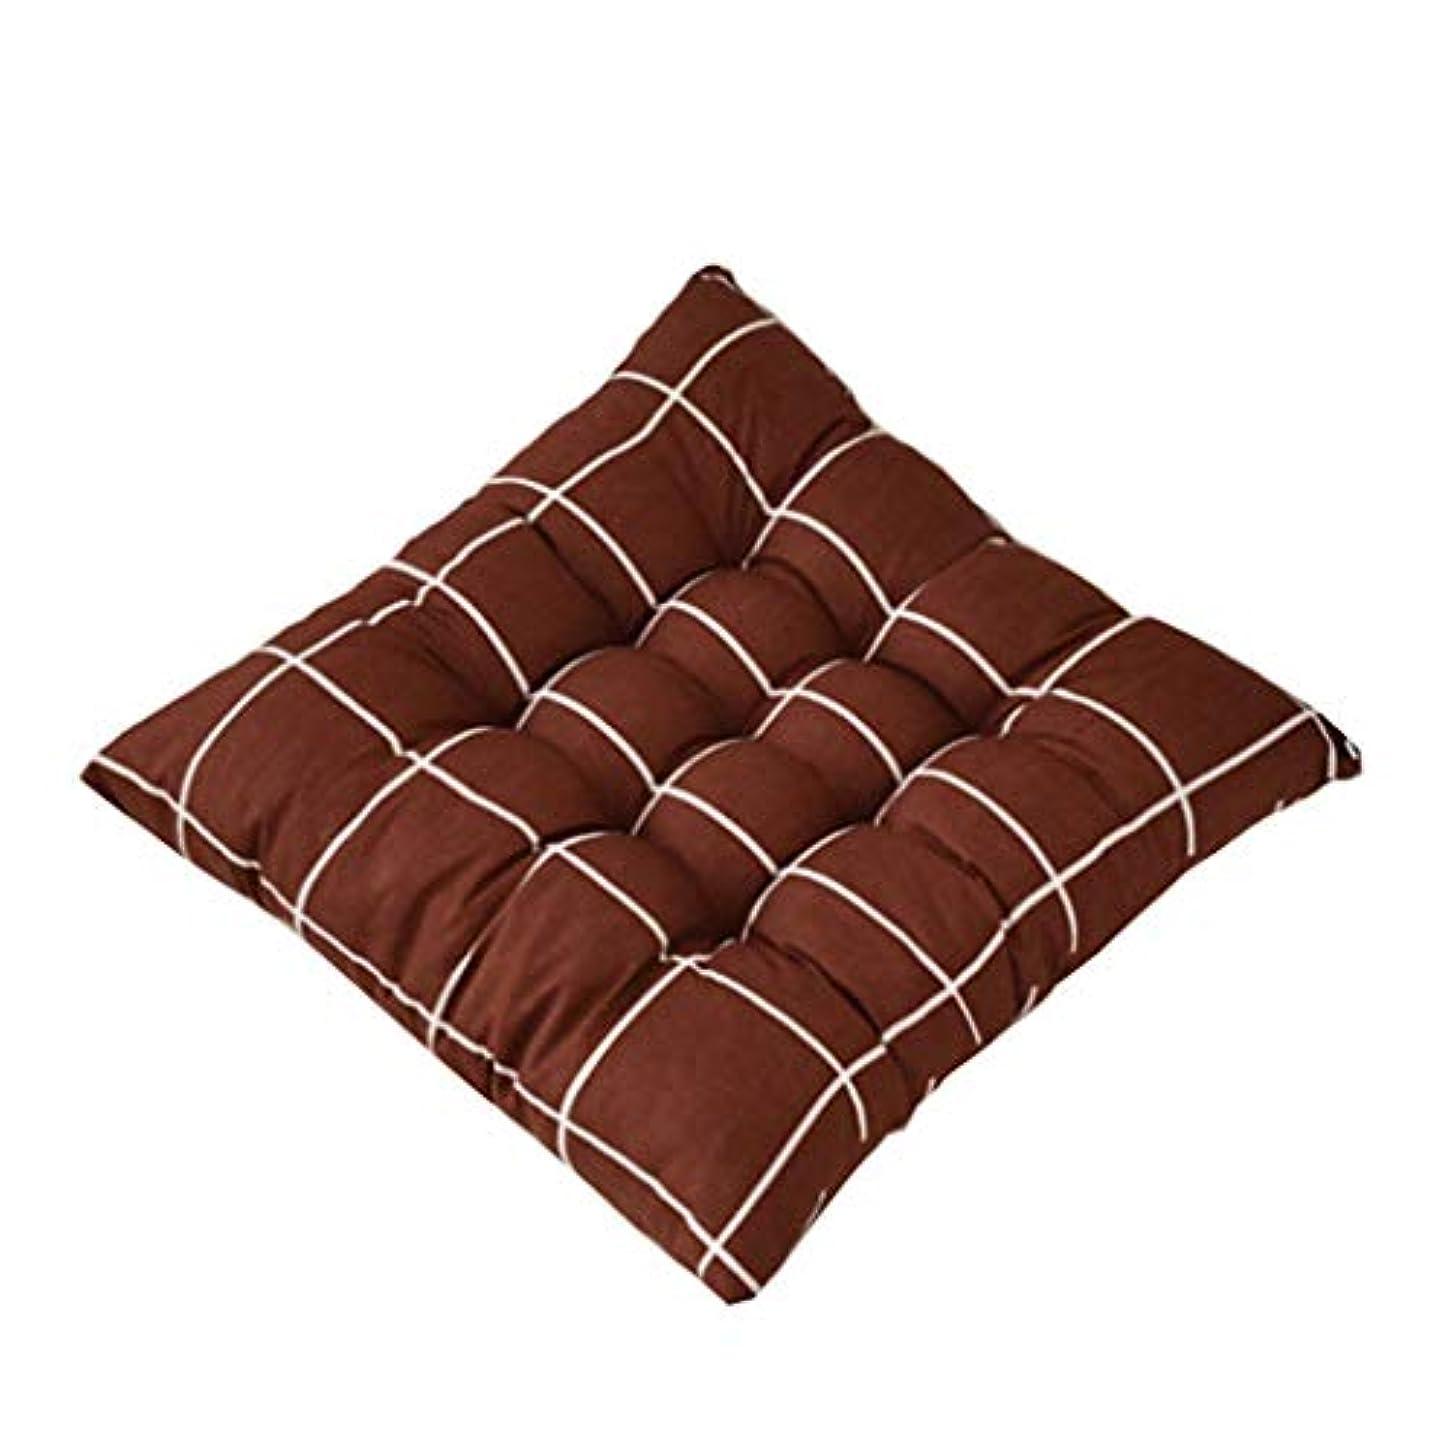 振り向く夫想像するLIFE 正方形の椅子パッド厚いシートクッションダイニングパティオホームオフィス屋内屋外ガーデンソファ臀部クッション 40 × 40 センチメートル クッション 椅子